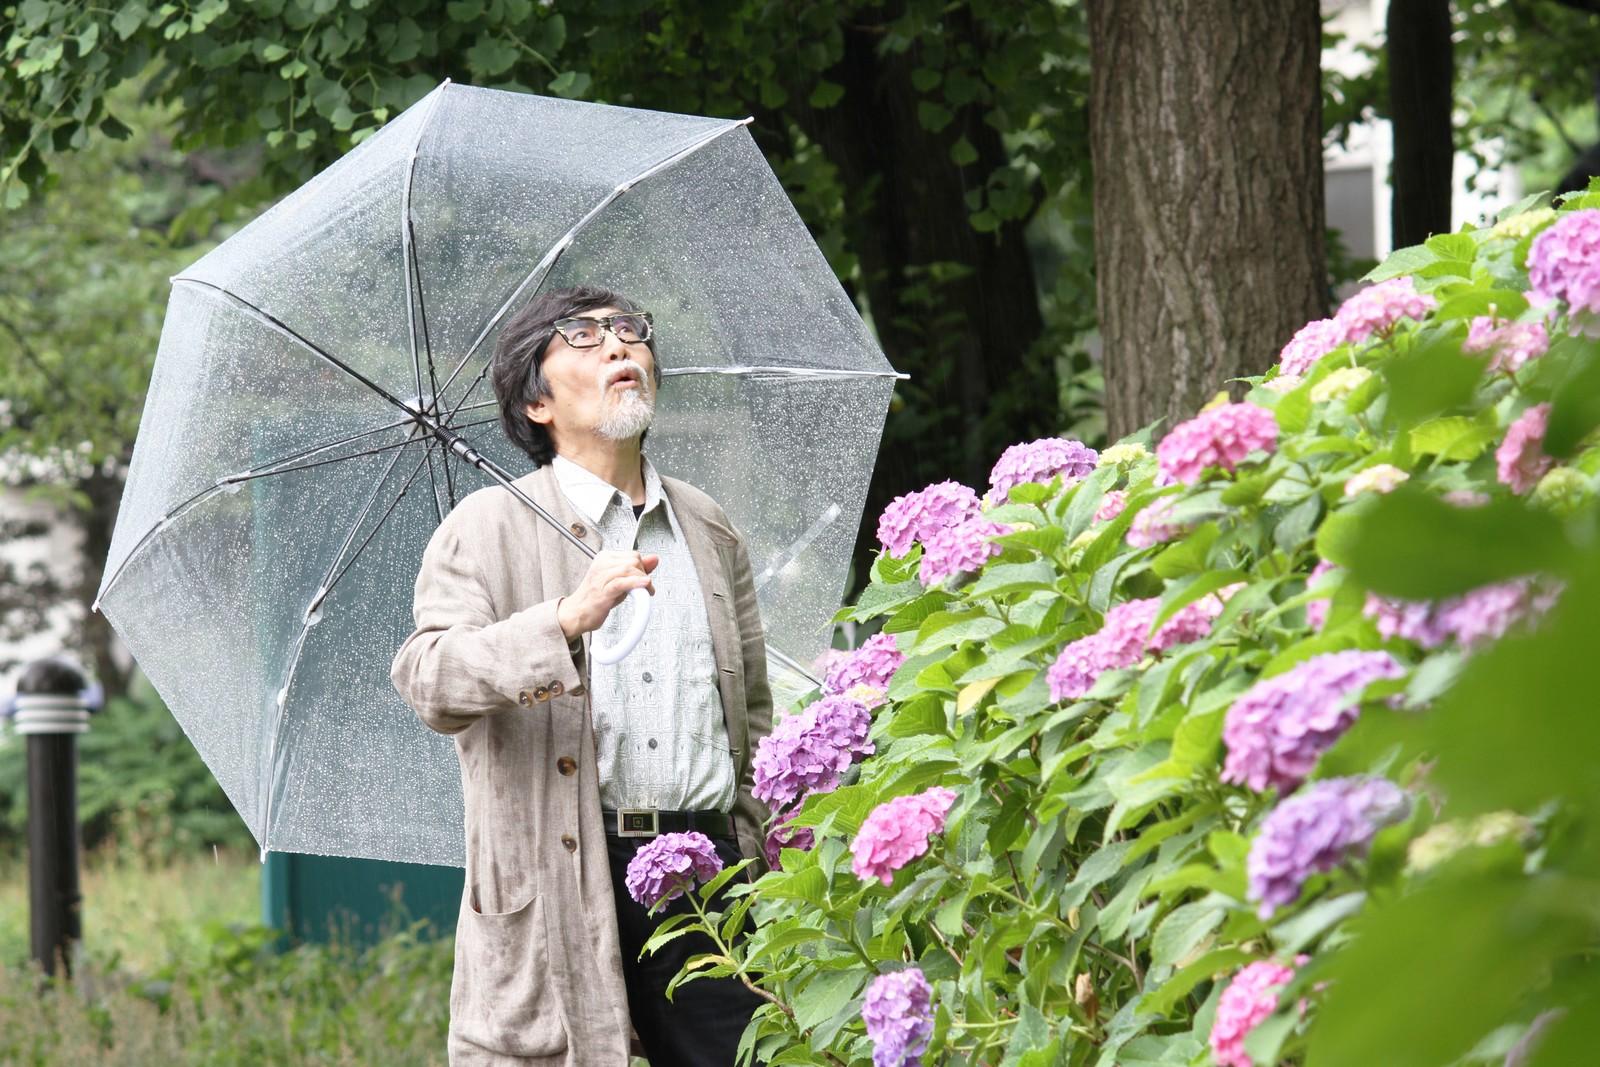 雨とおじいちゃんと上野の紫陽花,シニア,写真,画像,素材,老人,高齢者,フリー